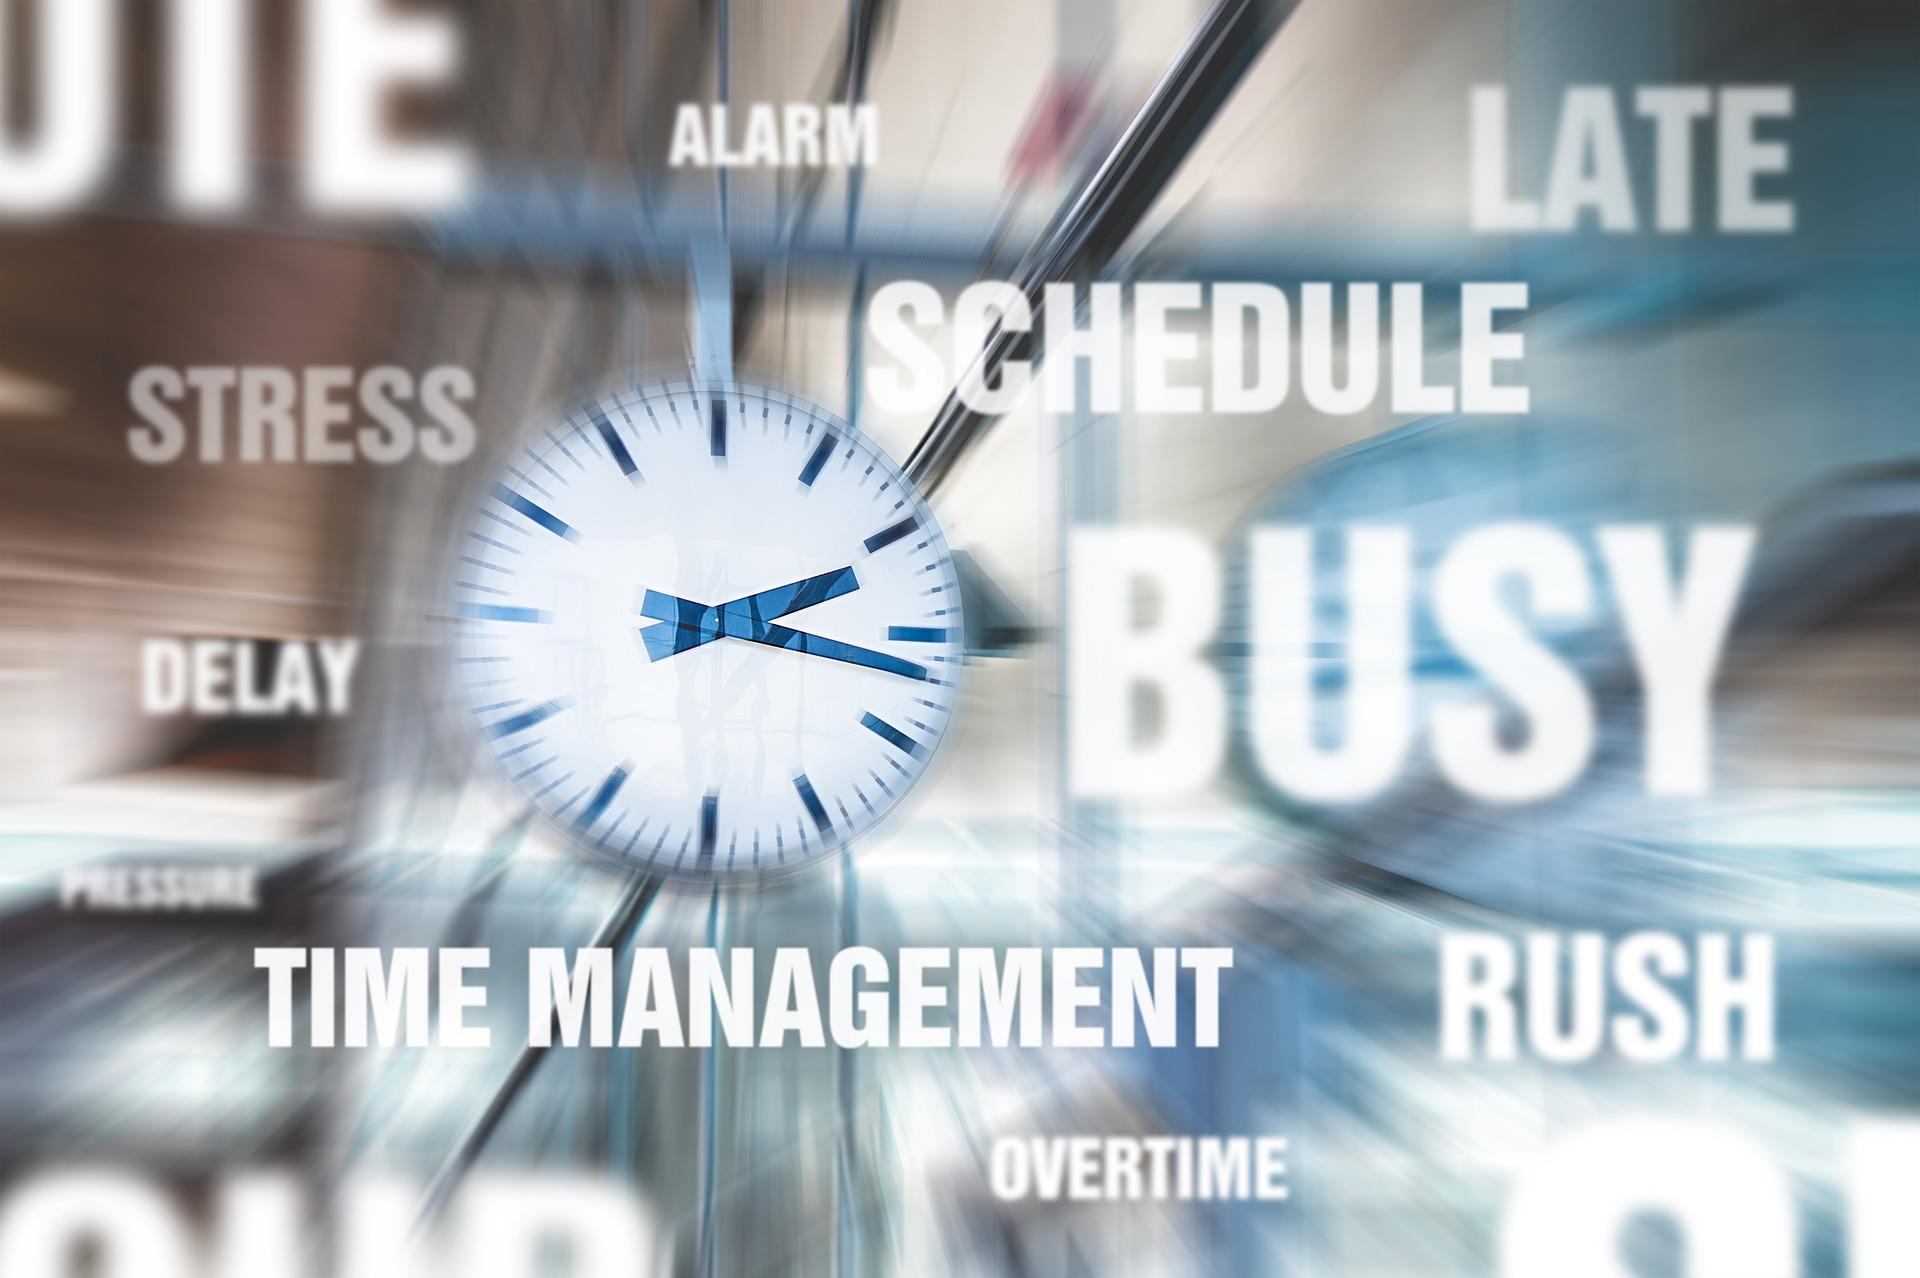 program-de-medic-sfaturi-pentru-gestionarea-eficienta-a-timpului